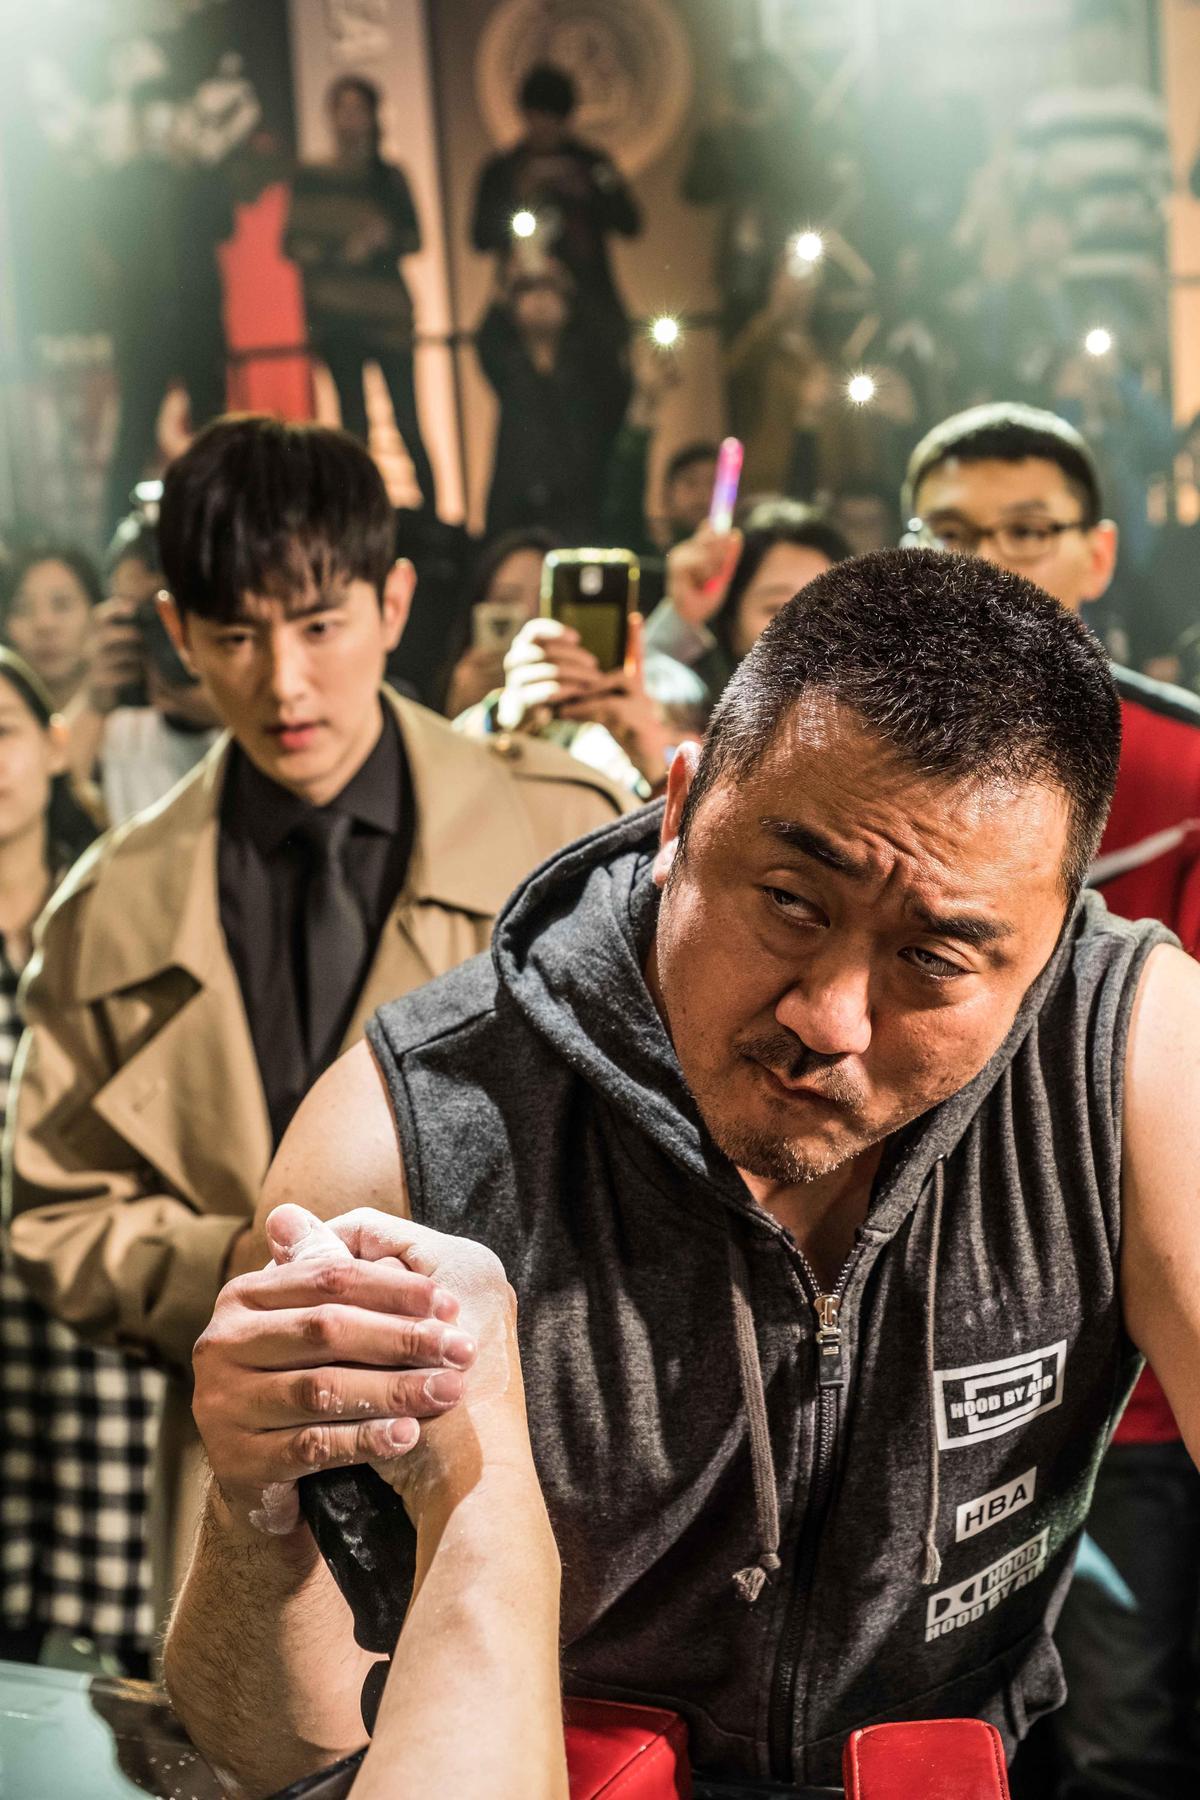 馬東石於19歲隨家人移居美國,打過許多勞力工,後來當上體型訓練師與綜合格鬥技教練,演出《冠軍大叔》讓他圓了想成為腕力電影主角的夢想。(華映電影提供)